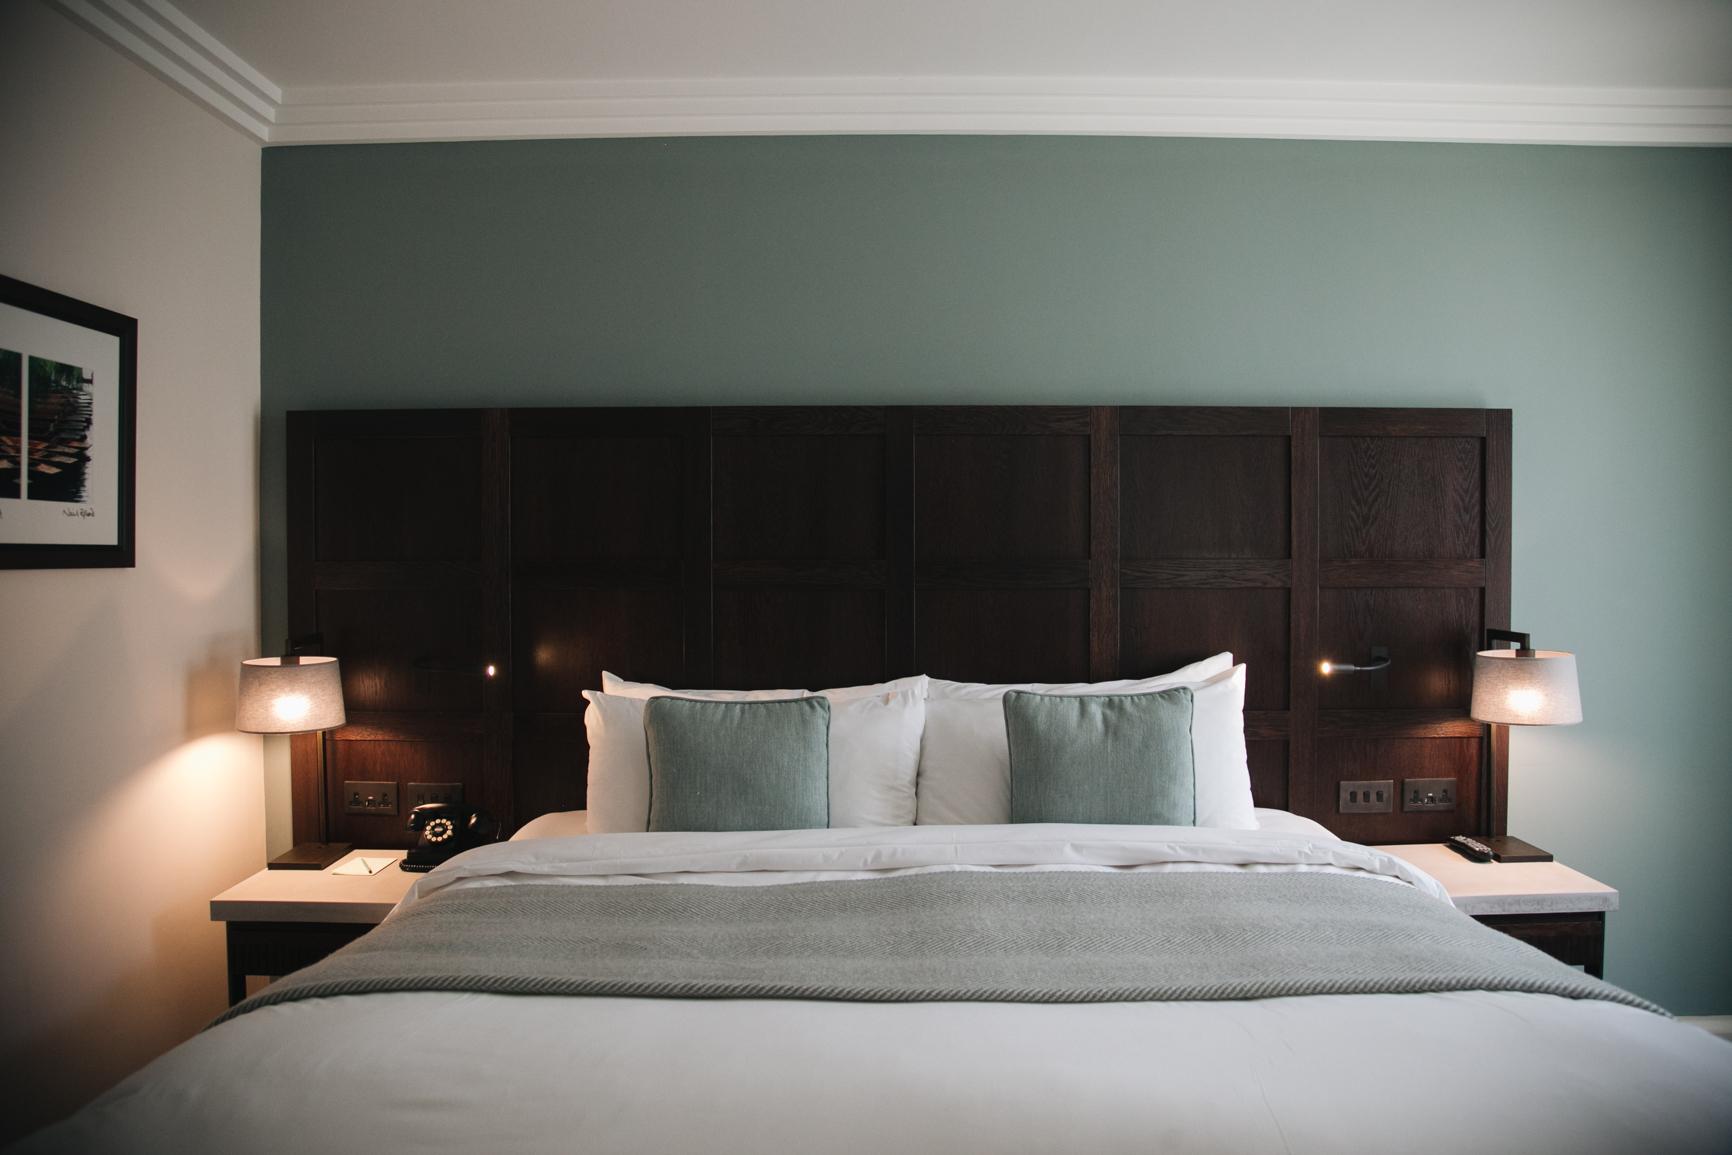 Tamburlaine-hotel-visiter-cambridge.jpg